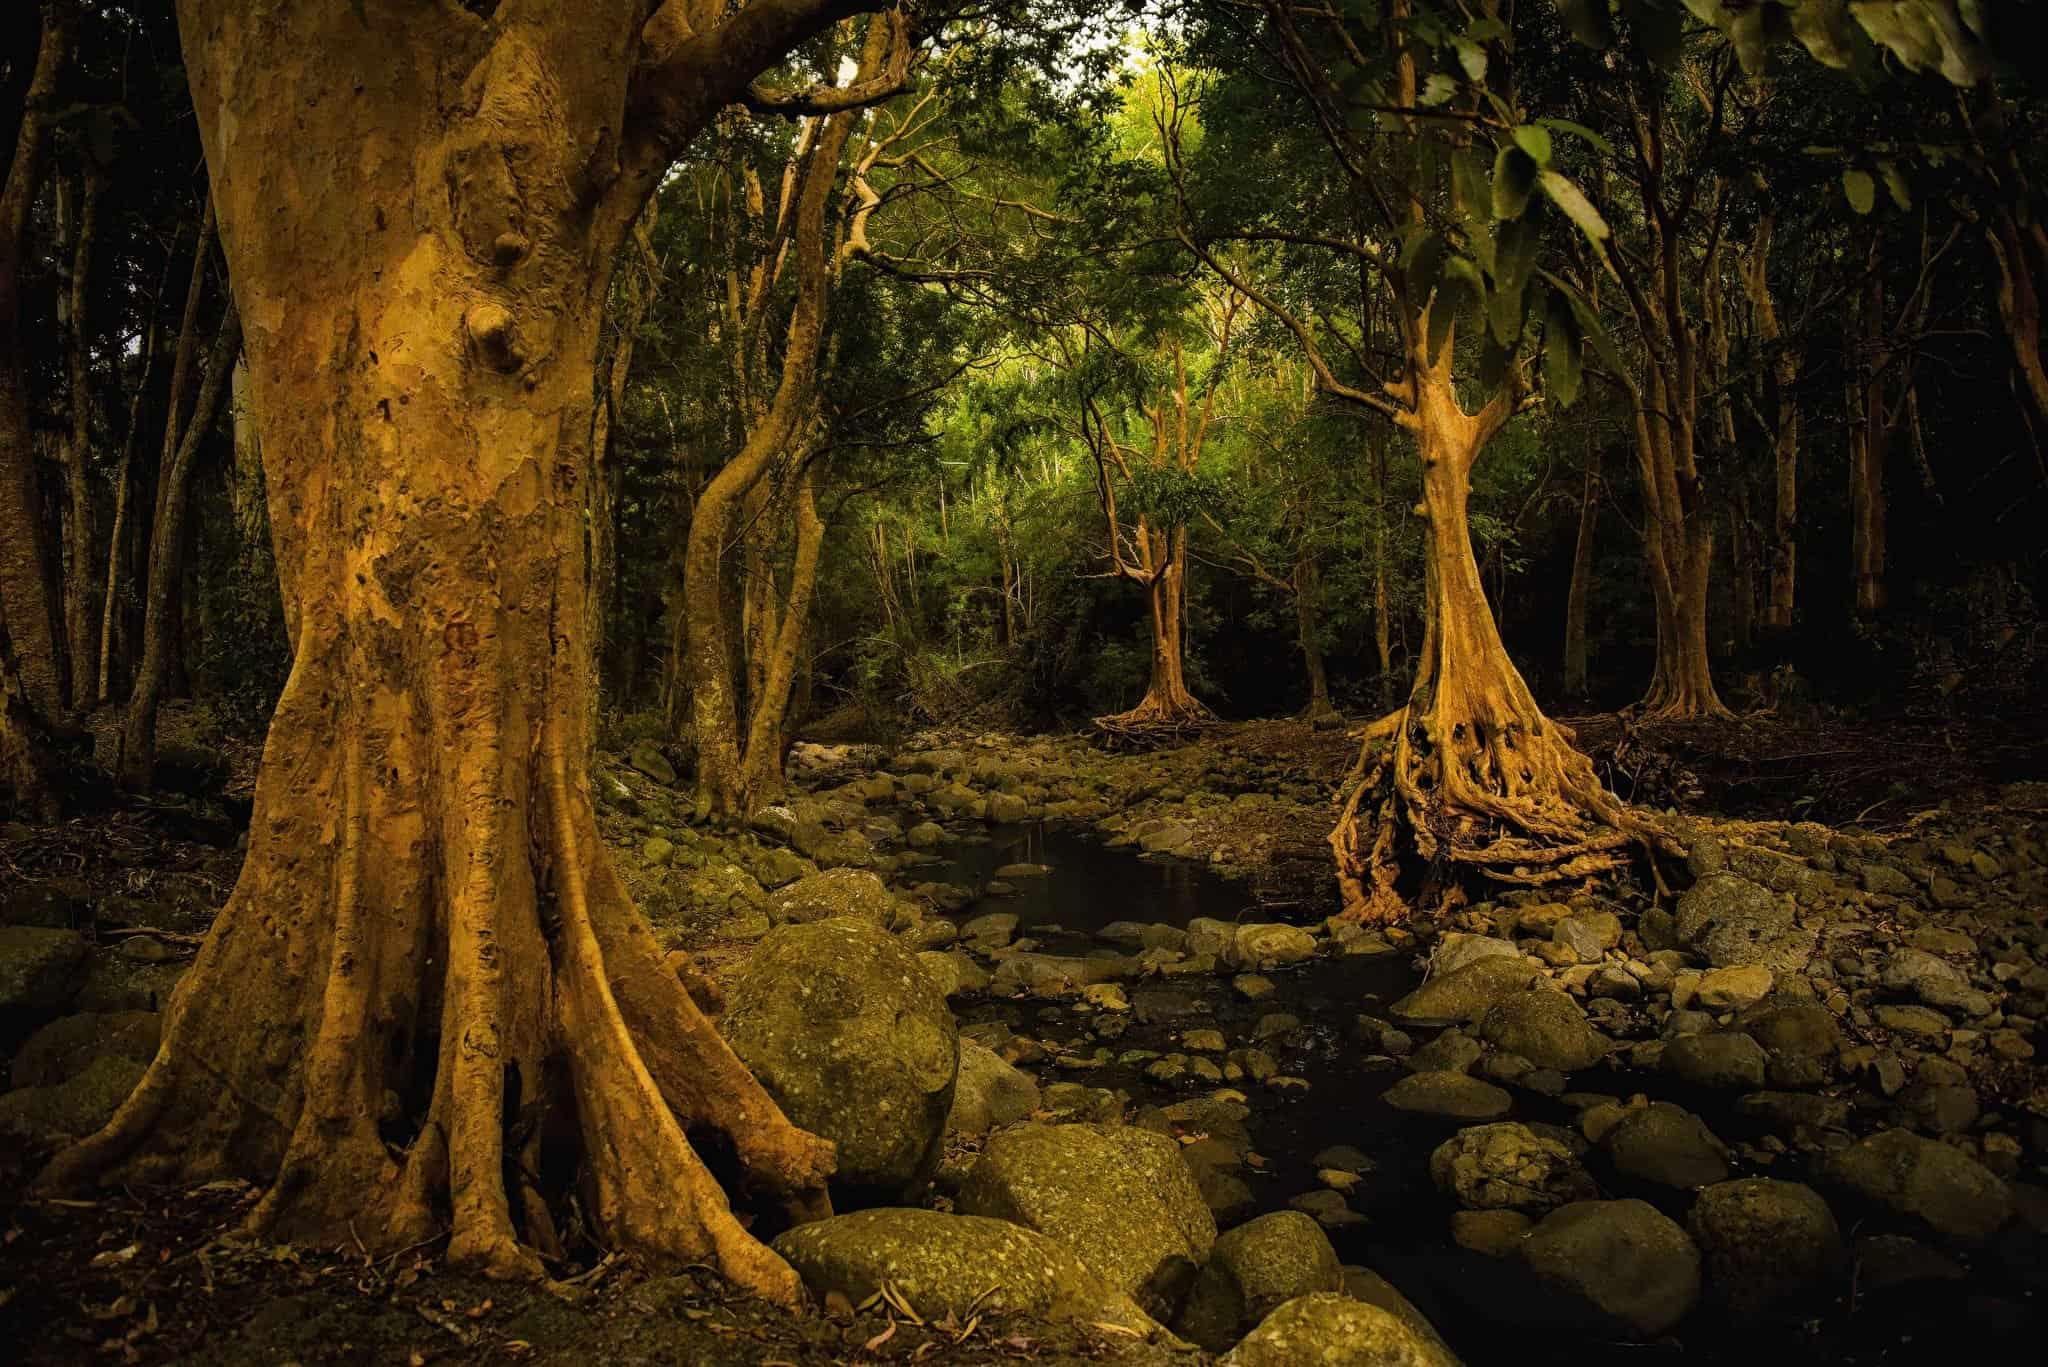 منتزه بلاك ريفر جورجيز الوطني